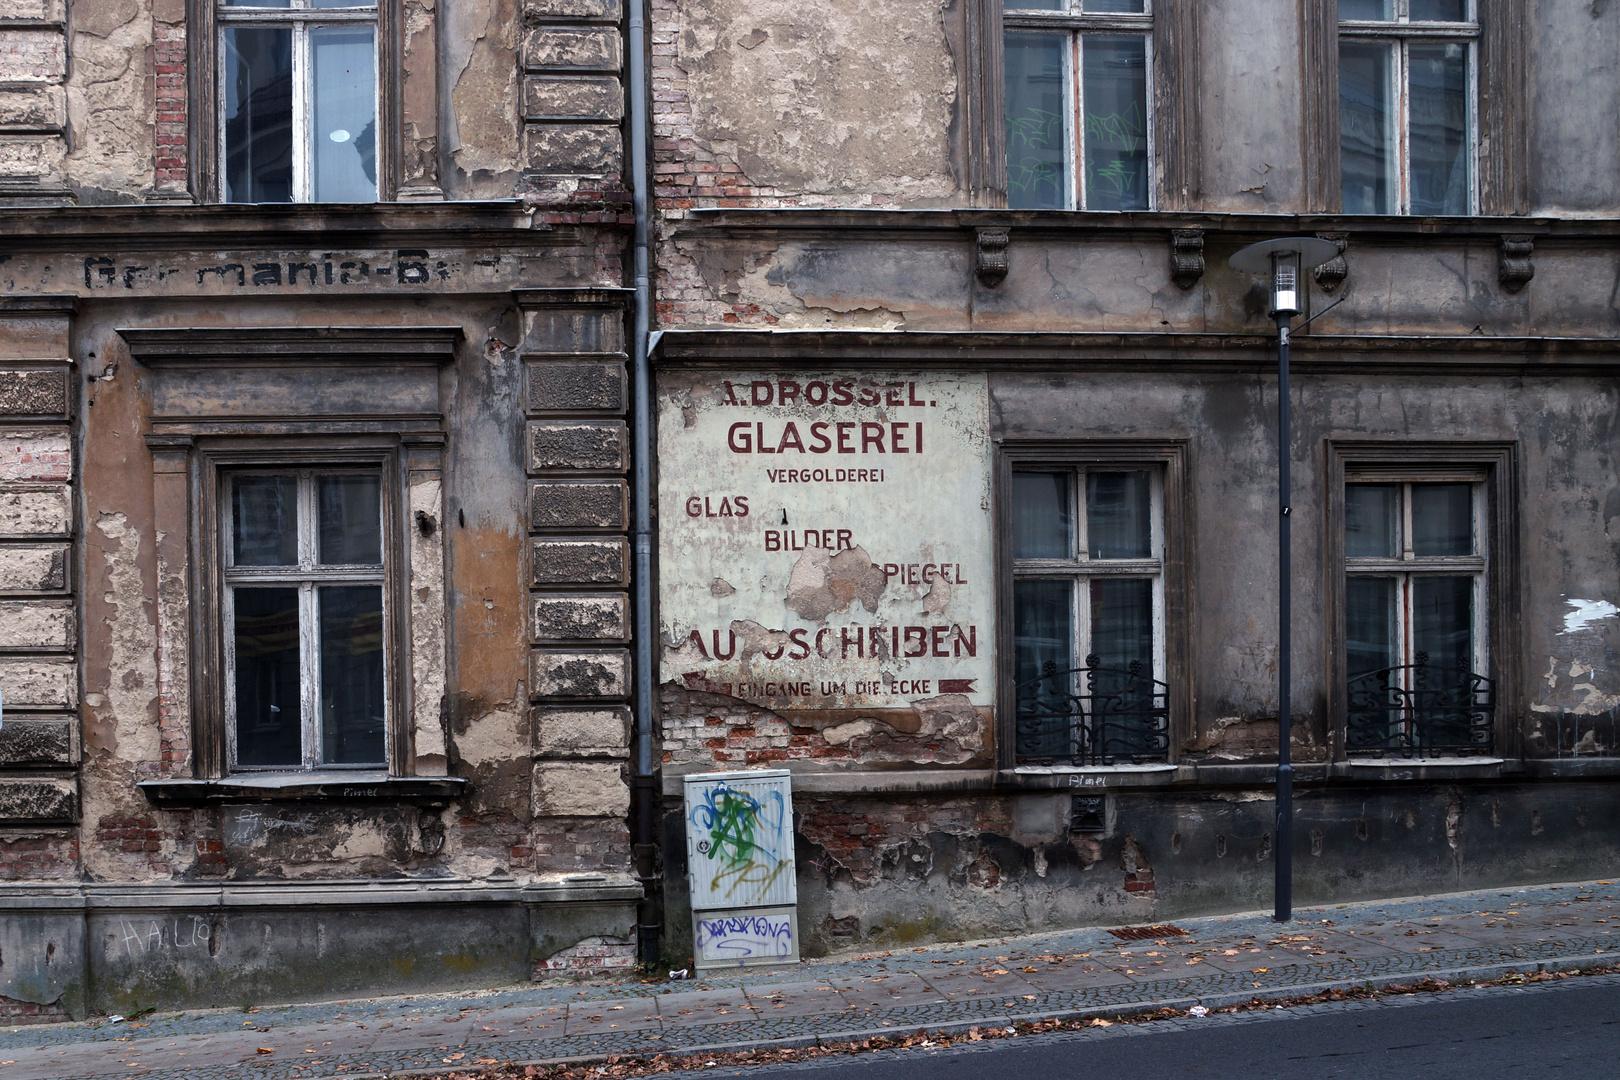 Glaserei Drossel